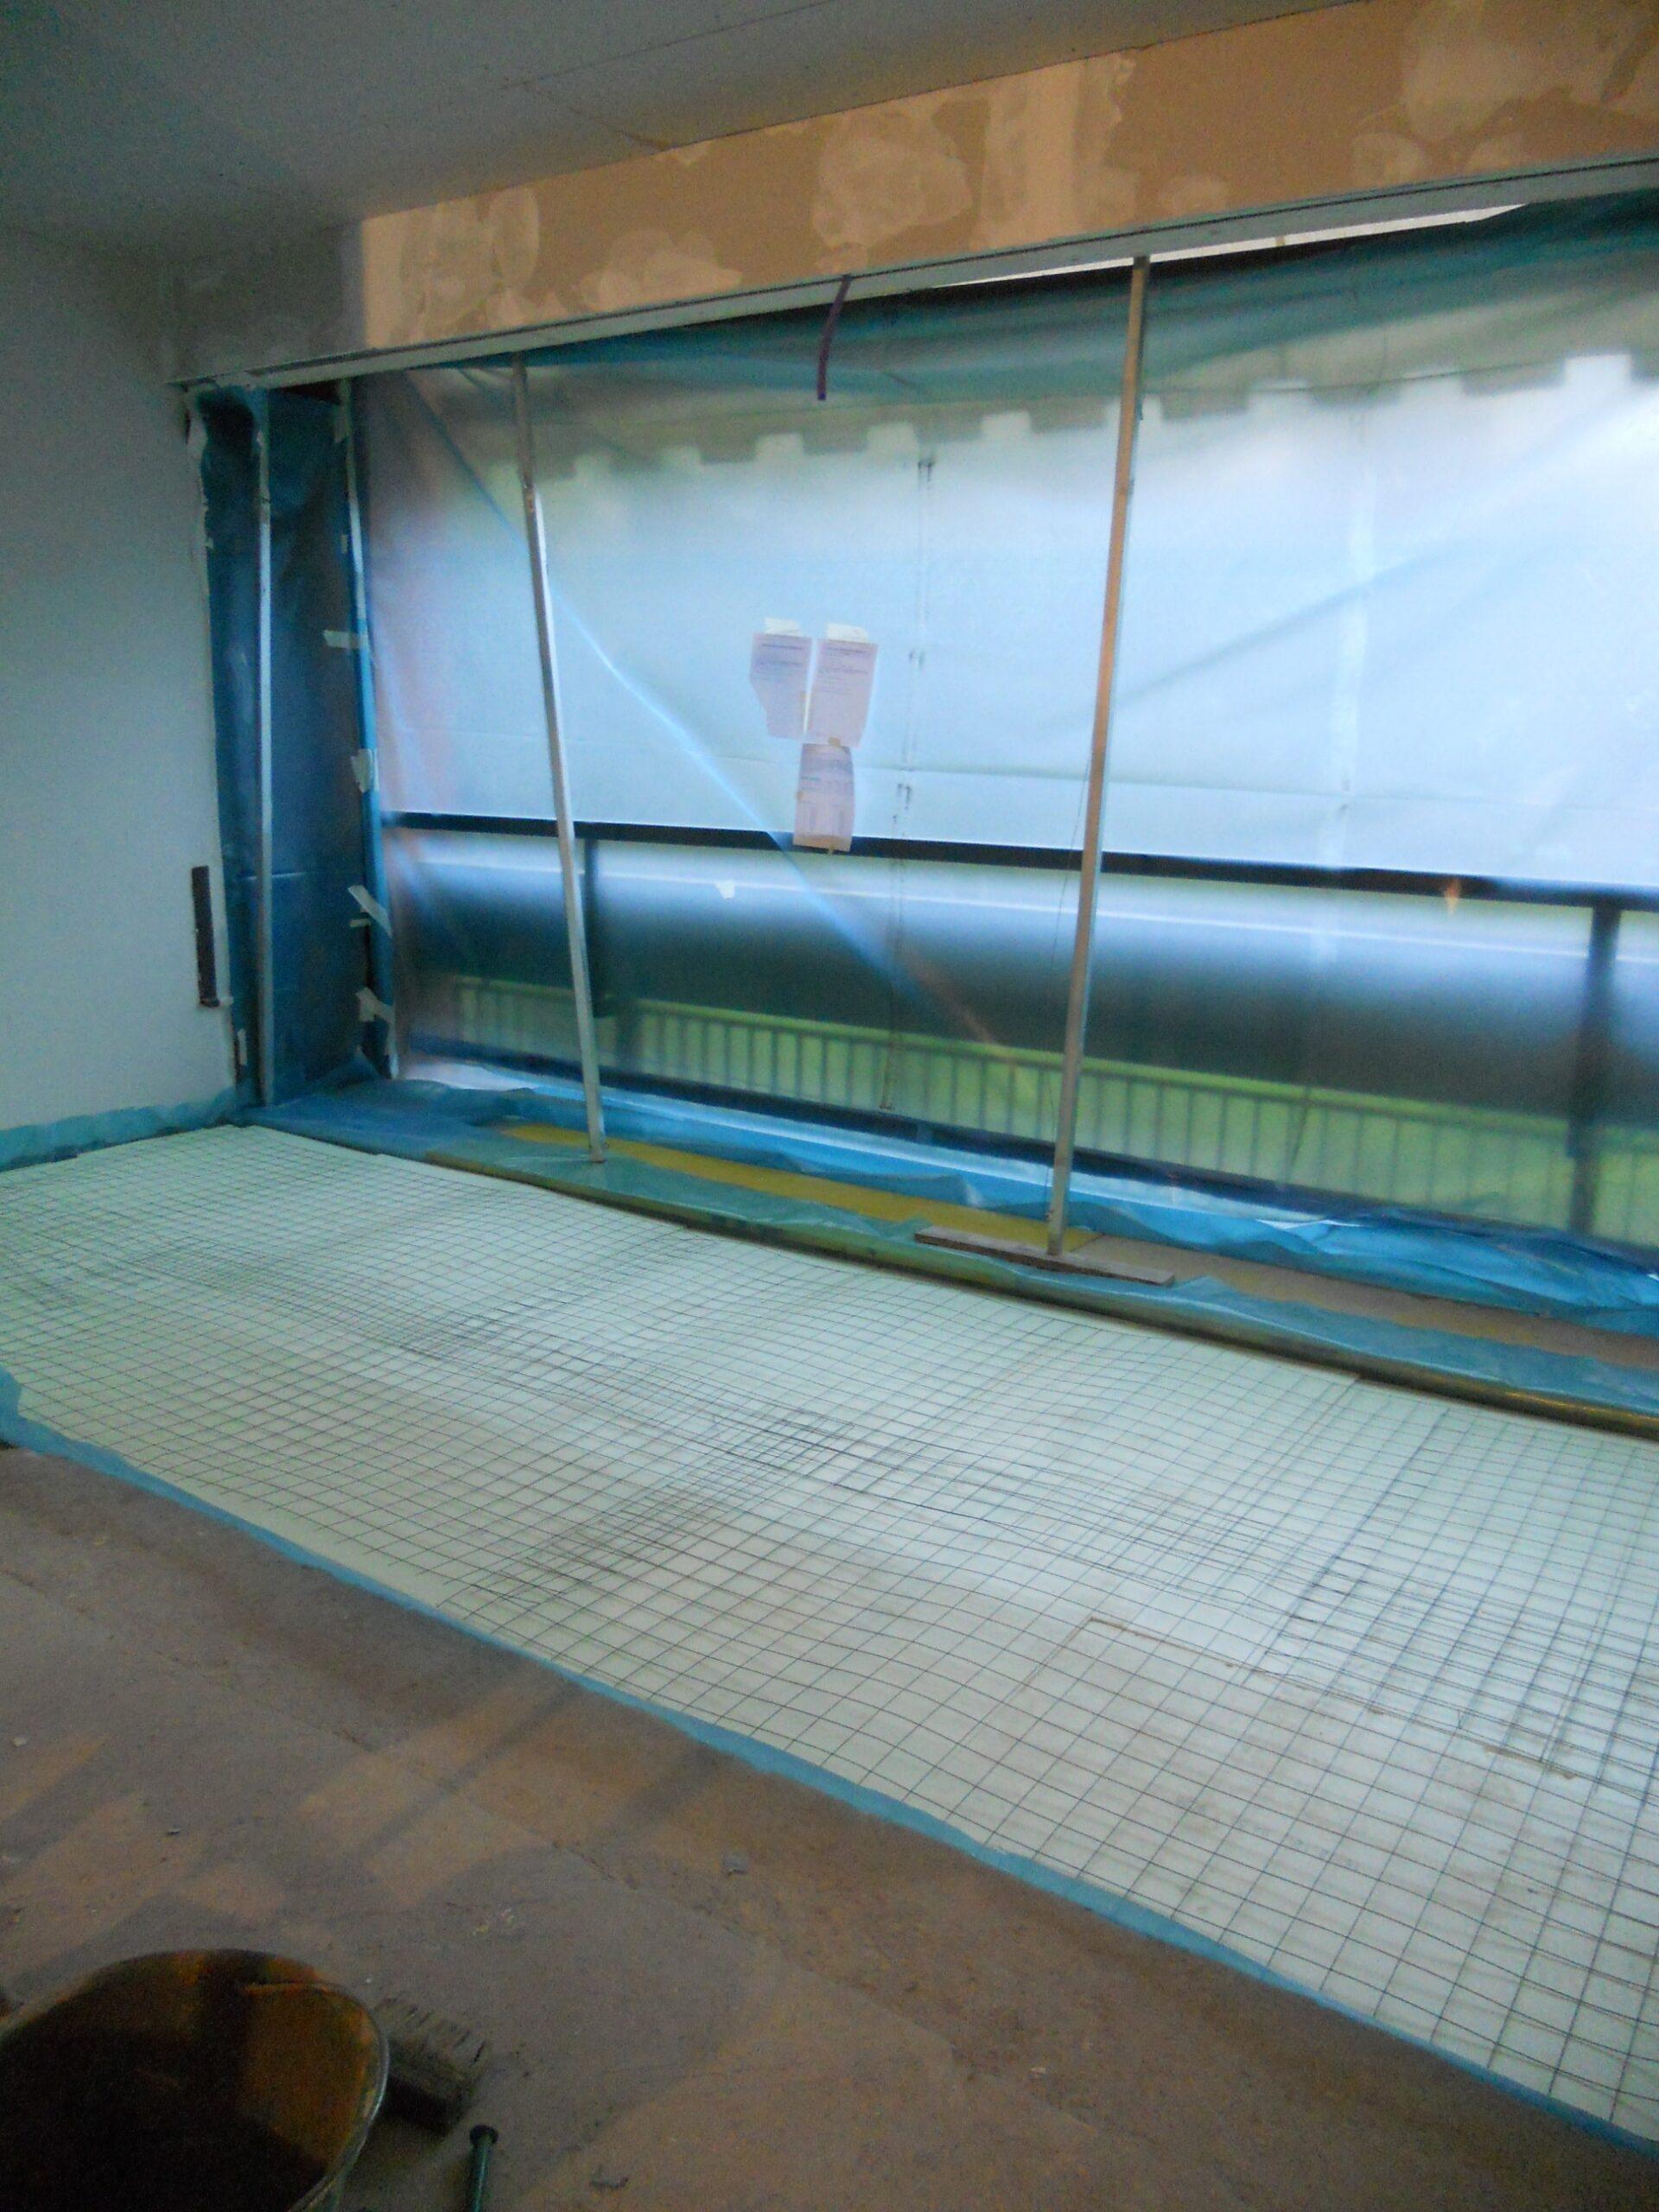 4. Installazione di porta finestra ad alzanti scorrevoli e posa di rete elettrosaldata per massetto pavimenti: lavori in corso.